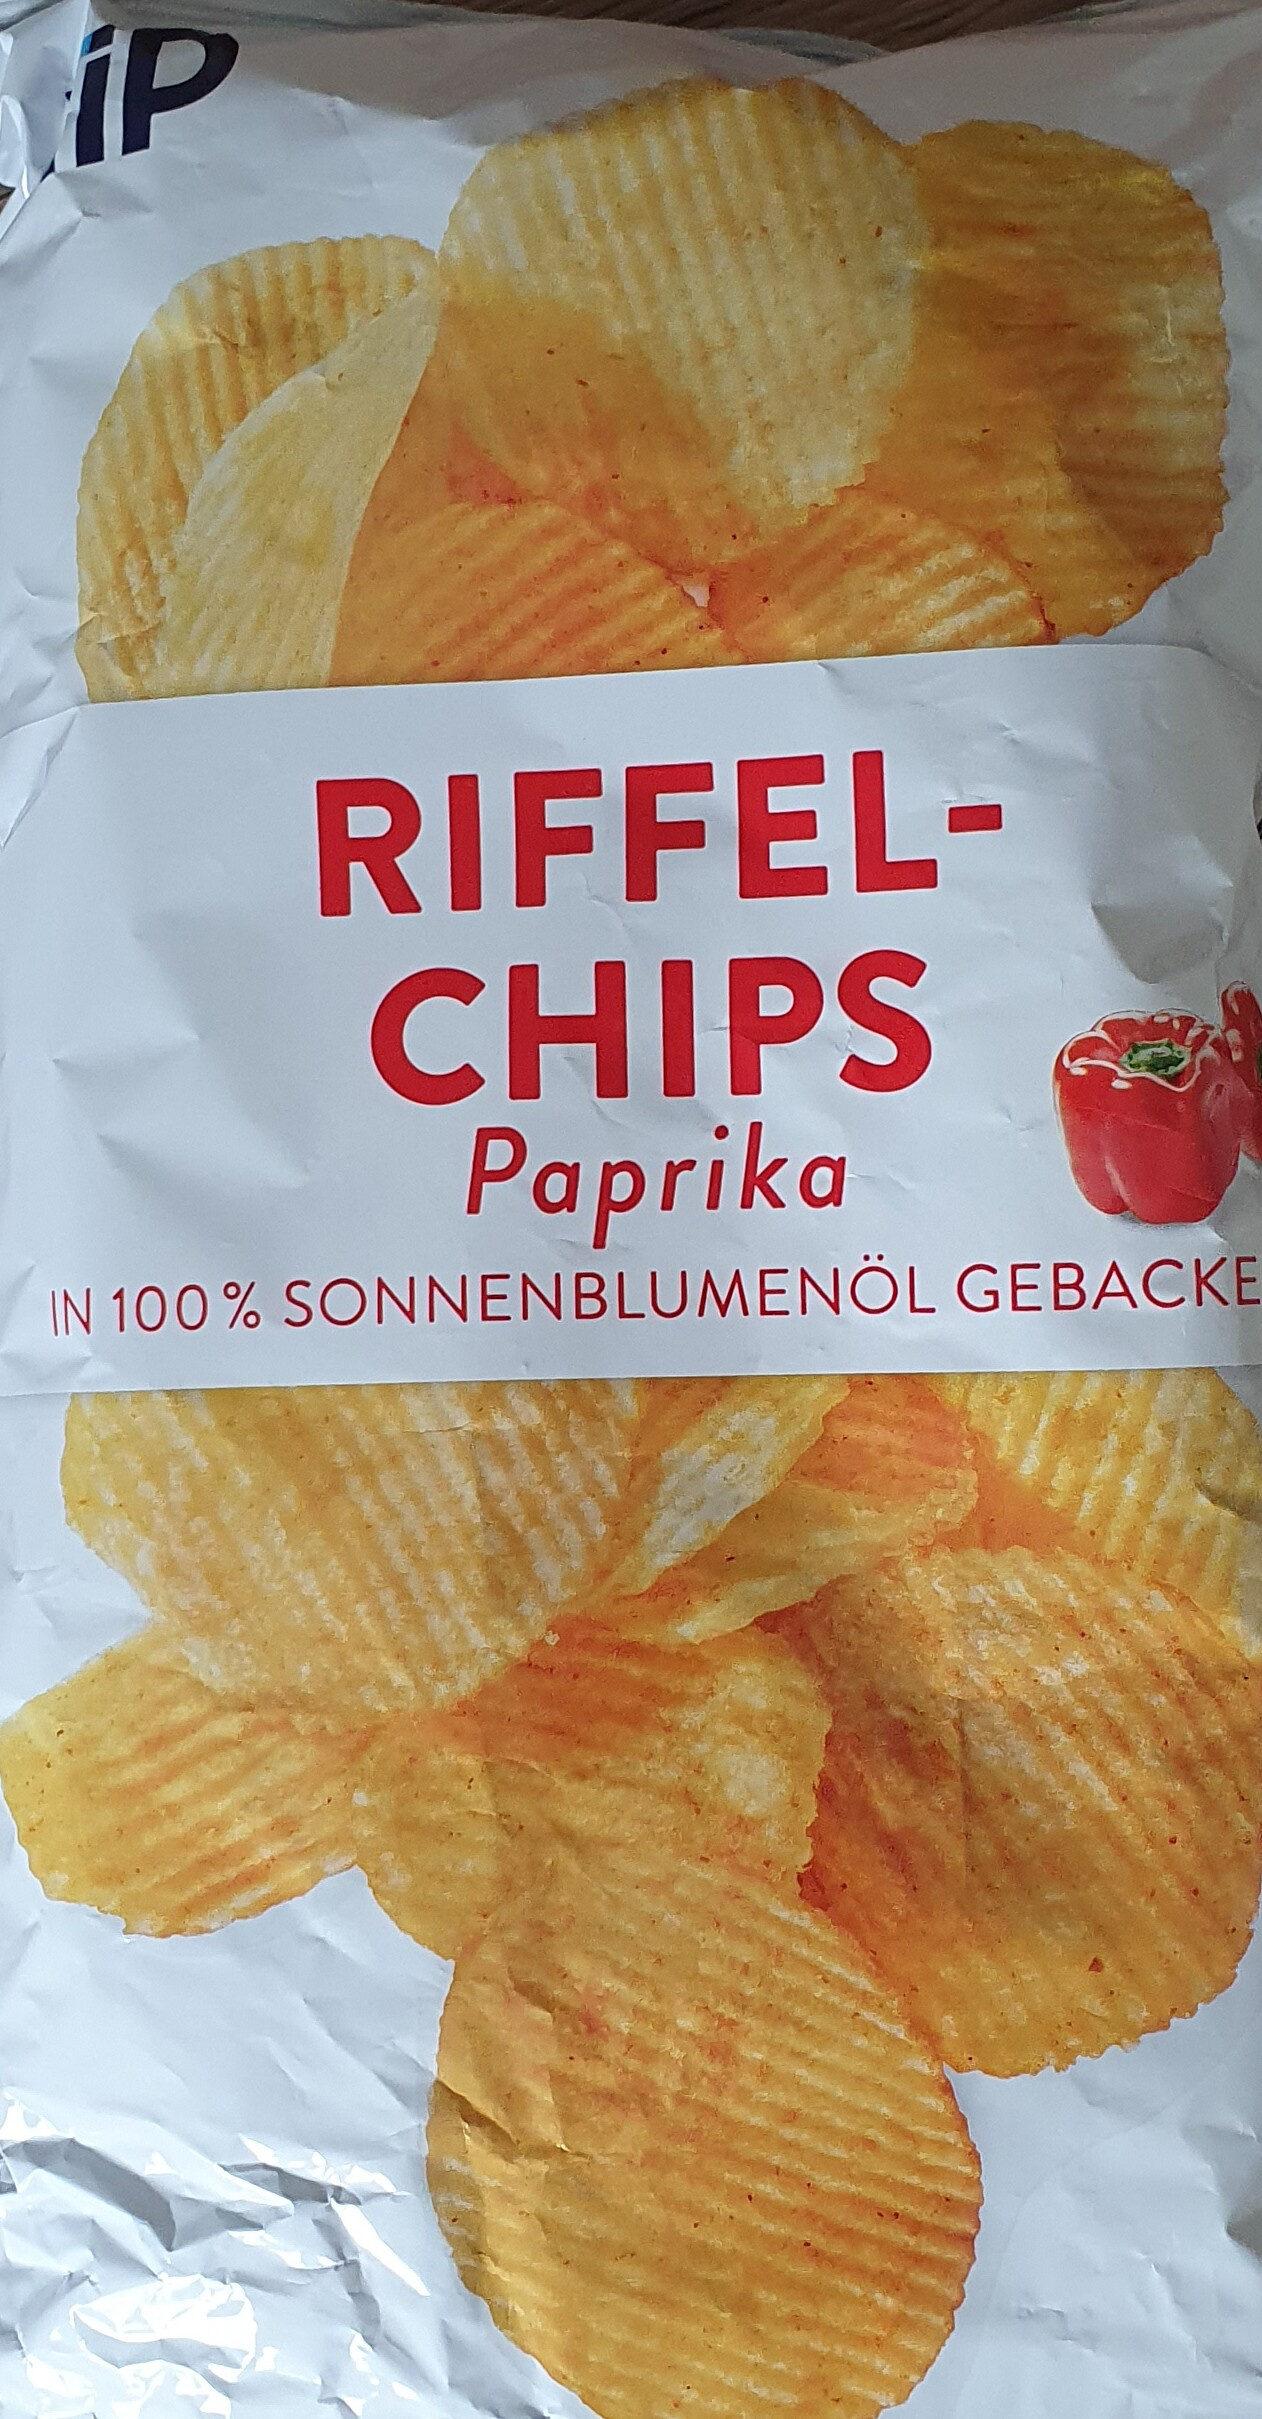 RIFFEL-CHIPS Paprika - Product - de